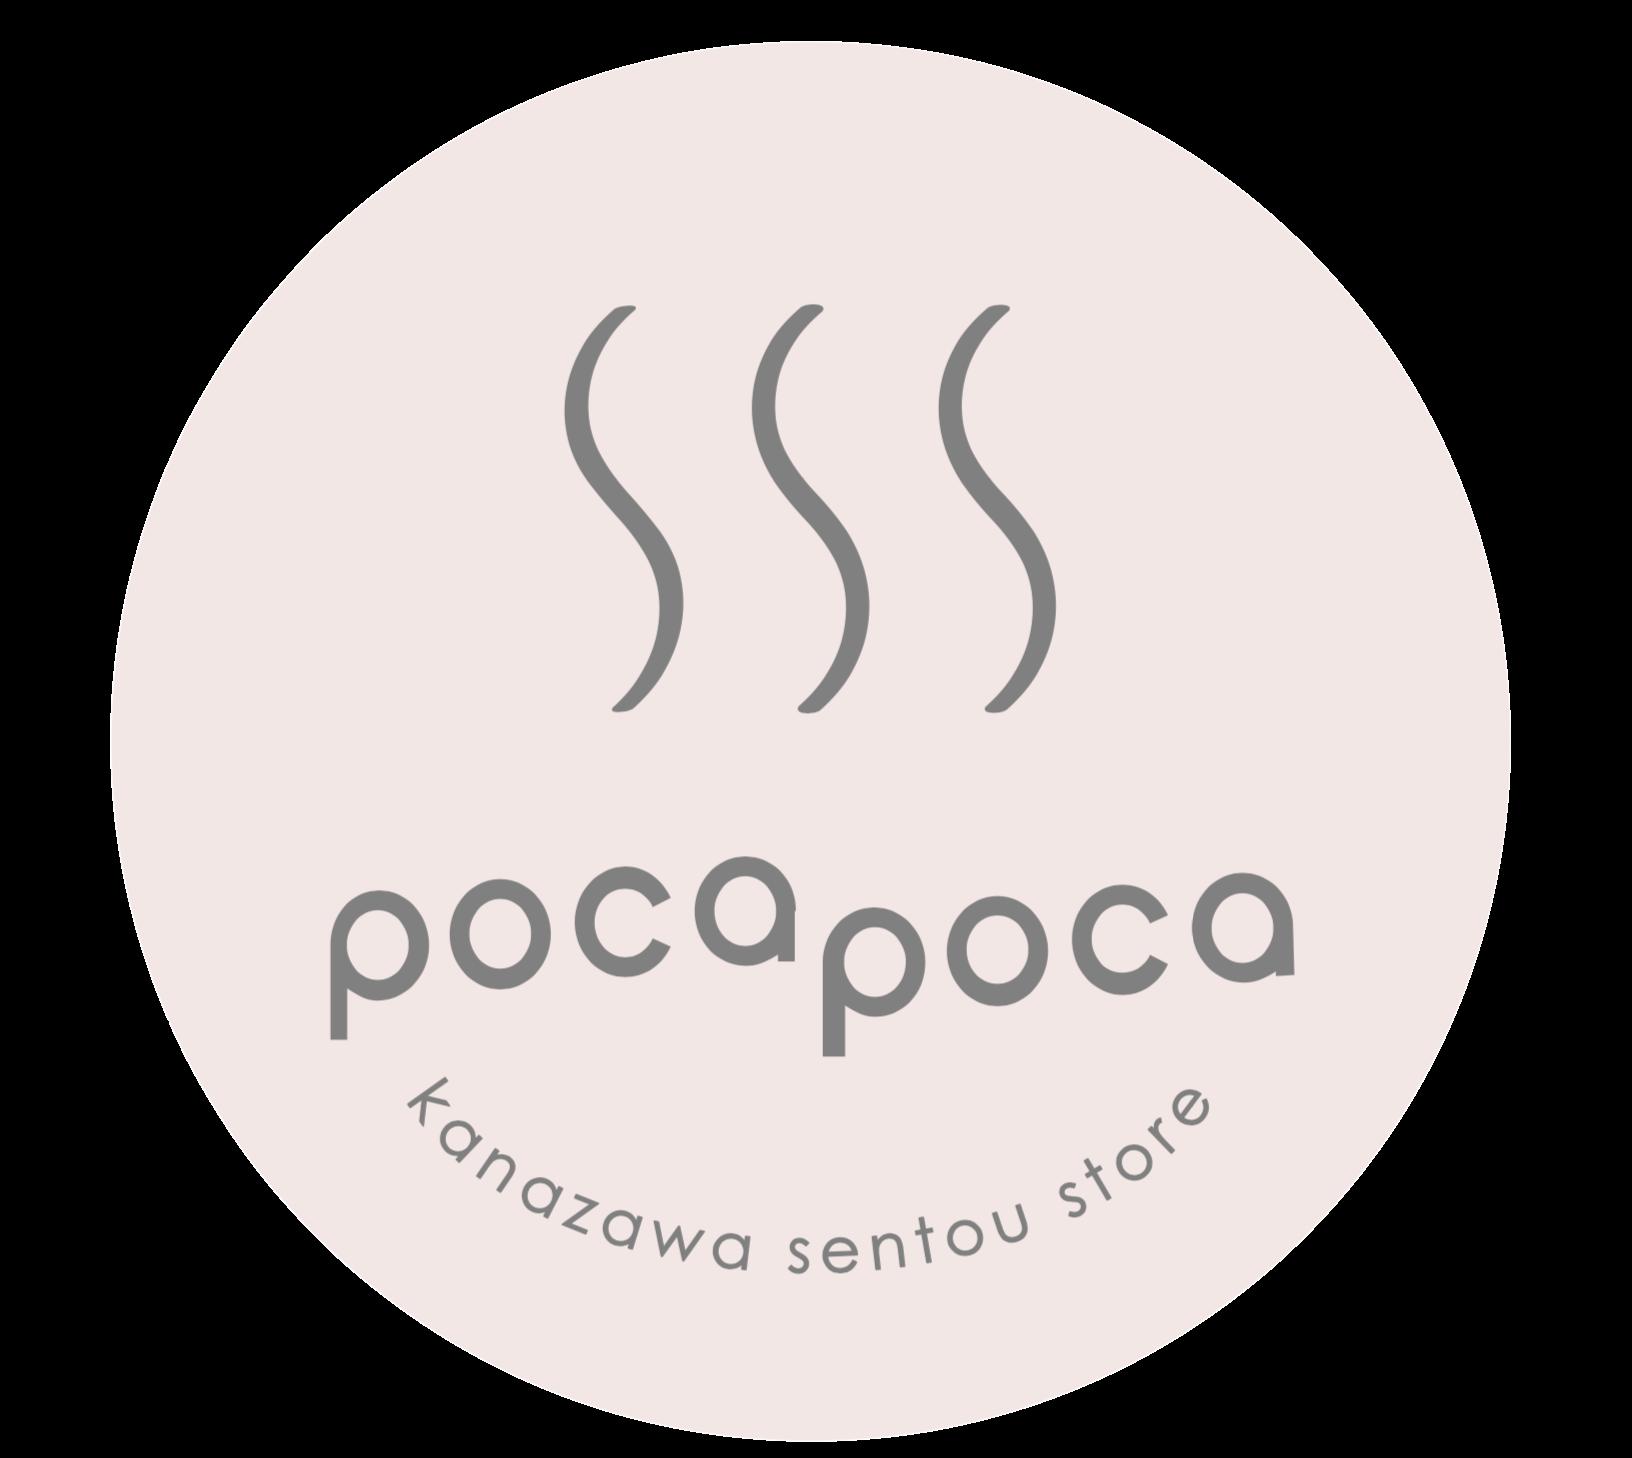 かわいいを美味しく食べる pocapoca ice pop